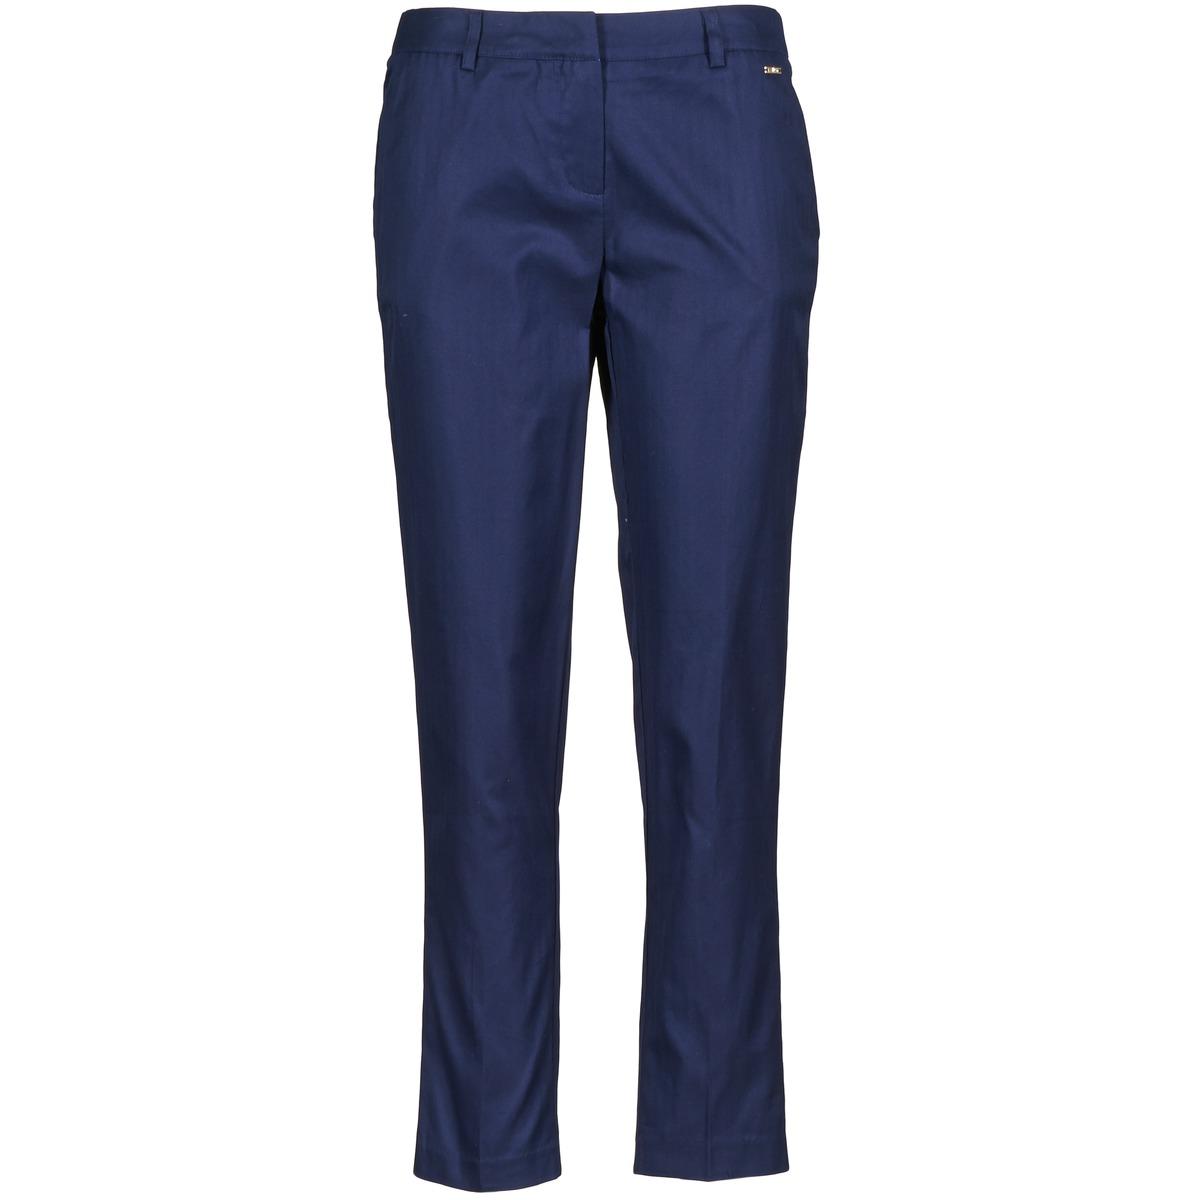 Zkrácené kalhoty 7/8 a ¾ La City PANTD2A Modrá